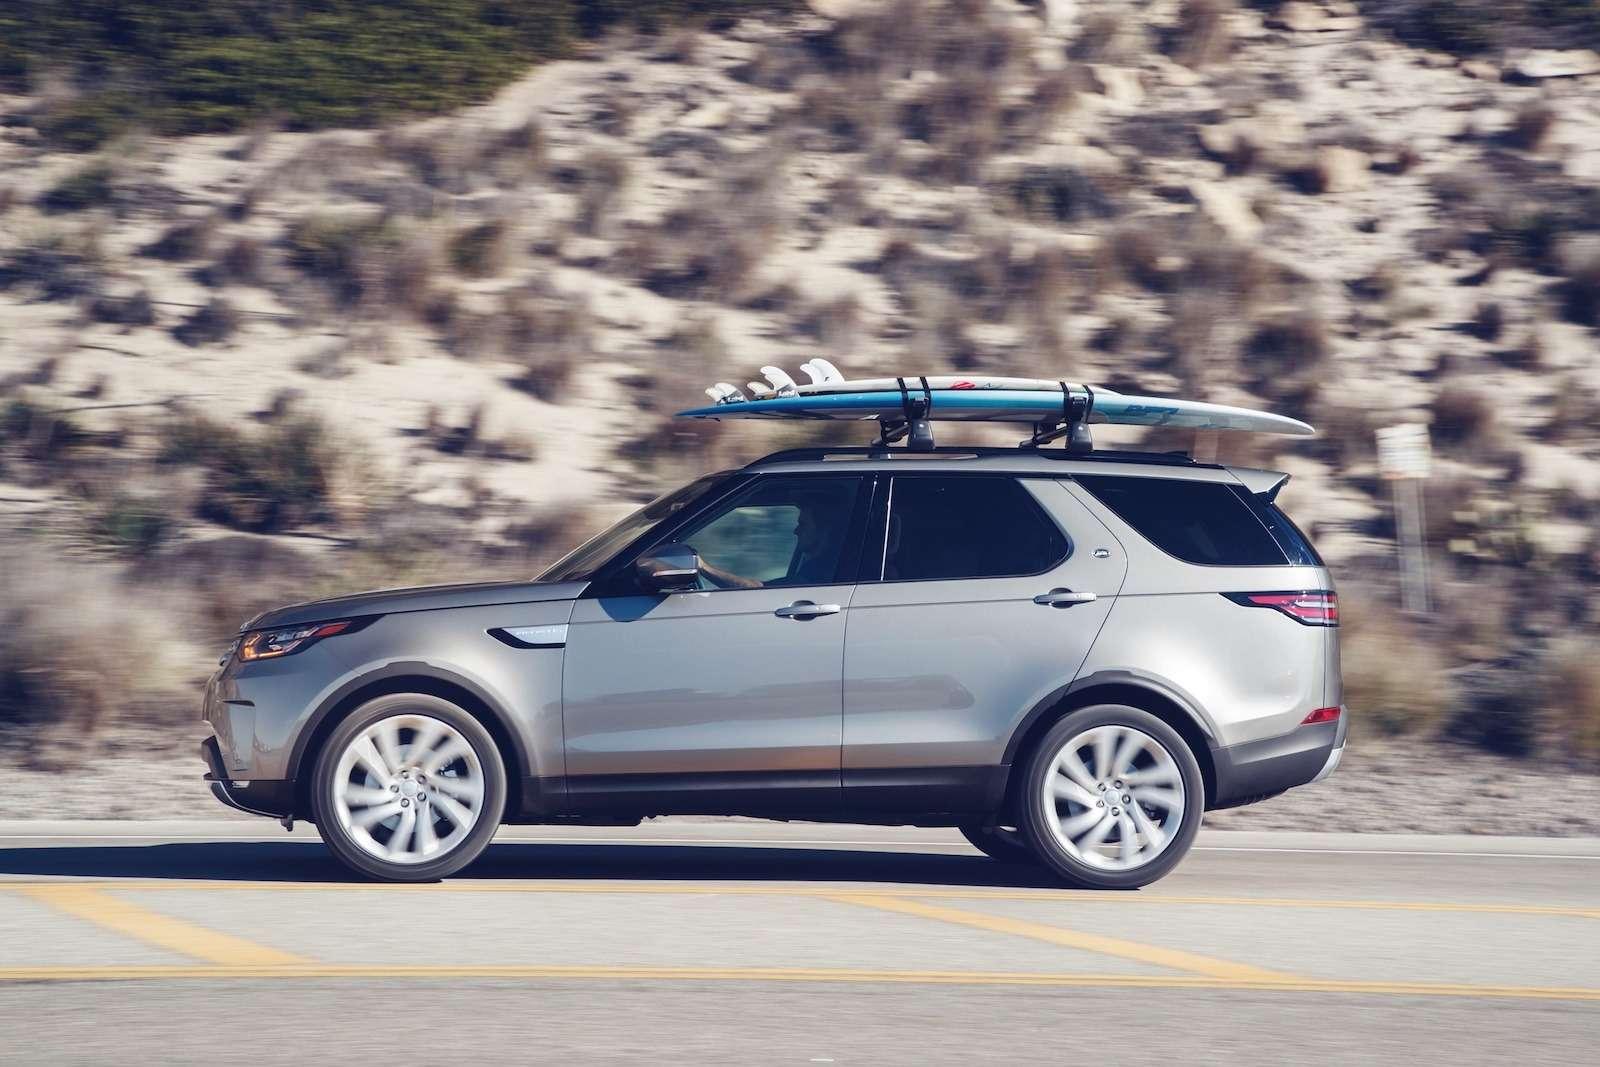 Диско уже небудет прежним: объявлены цены нового Land Rover Discovery— фото 676029